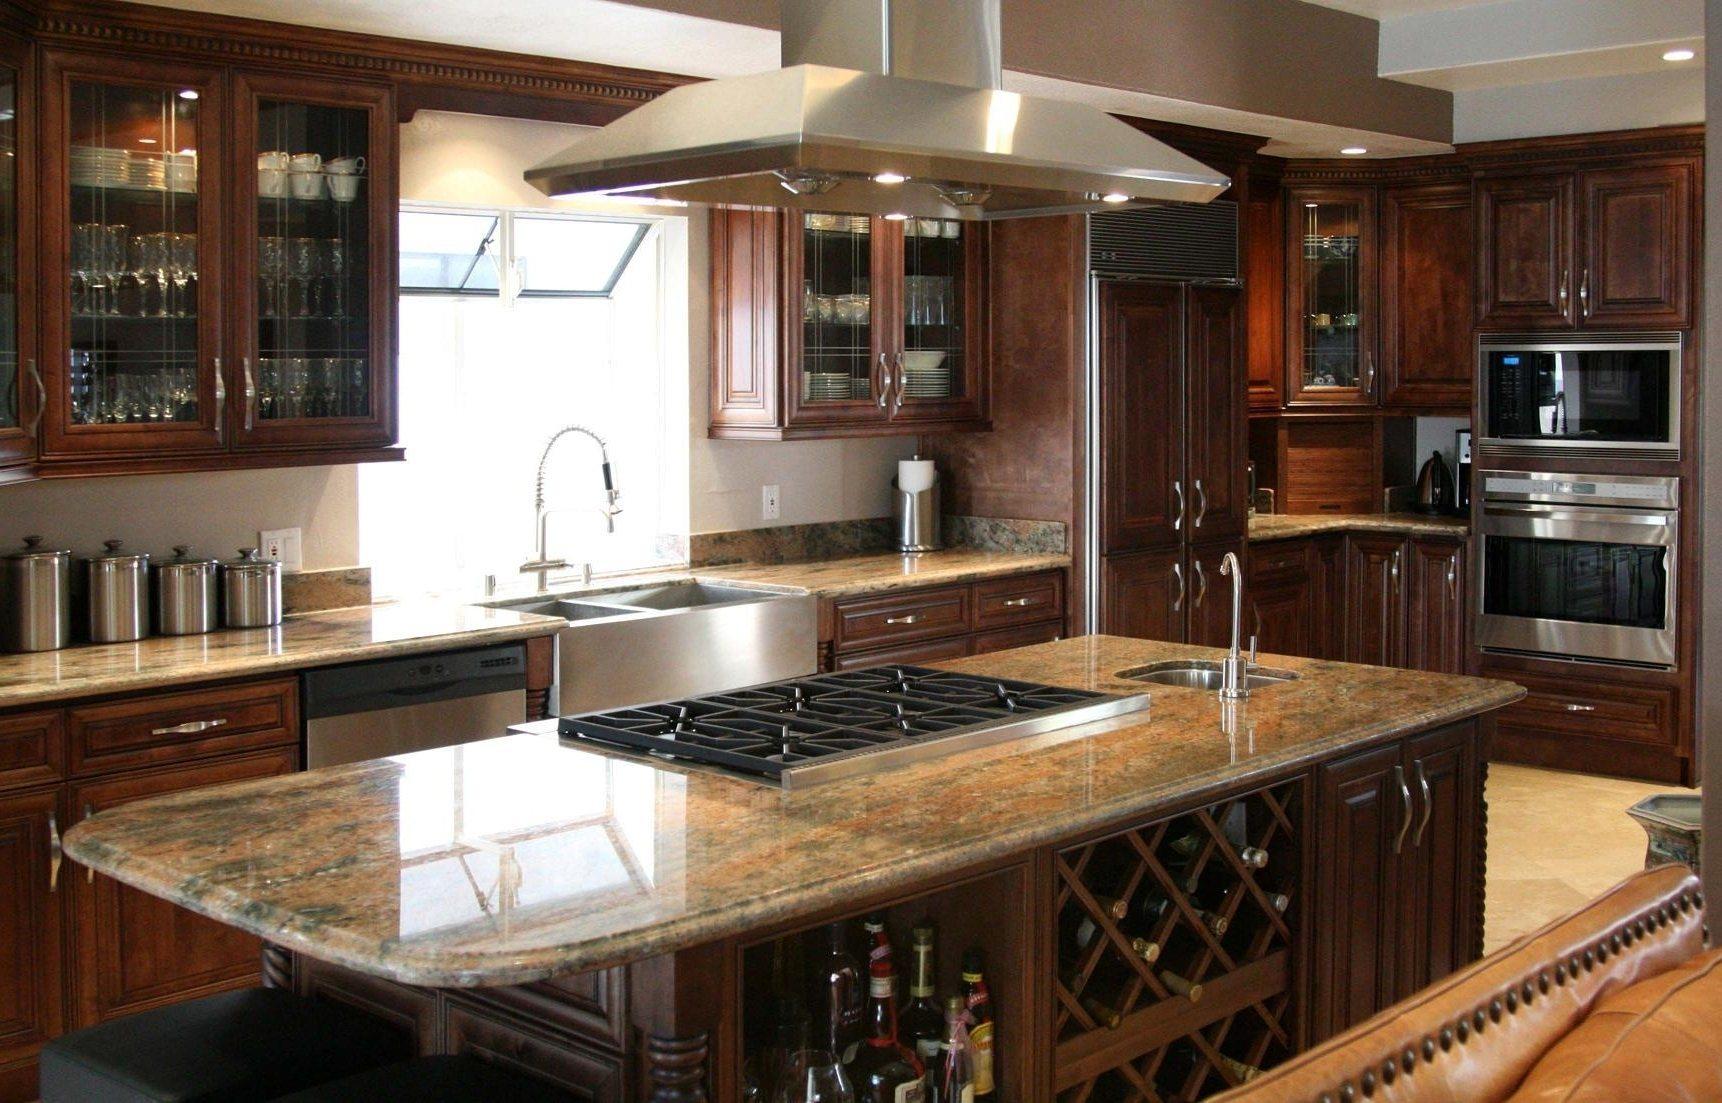 cuisine-classique-idees-de-cuisine-avec-armoires-de-cuisine-en-bois